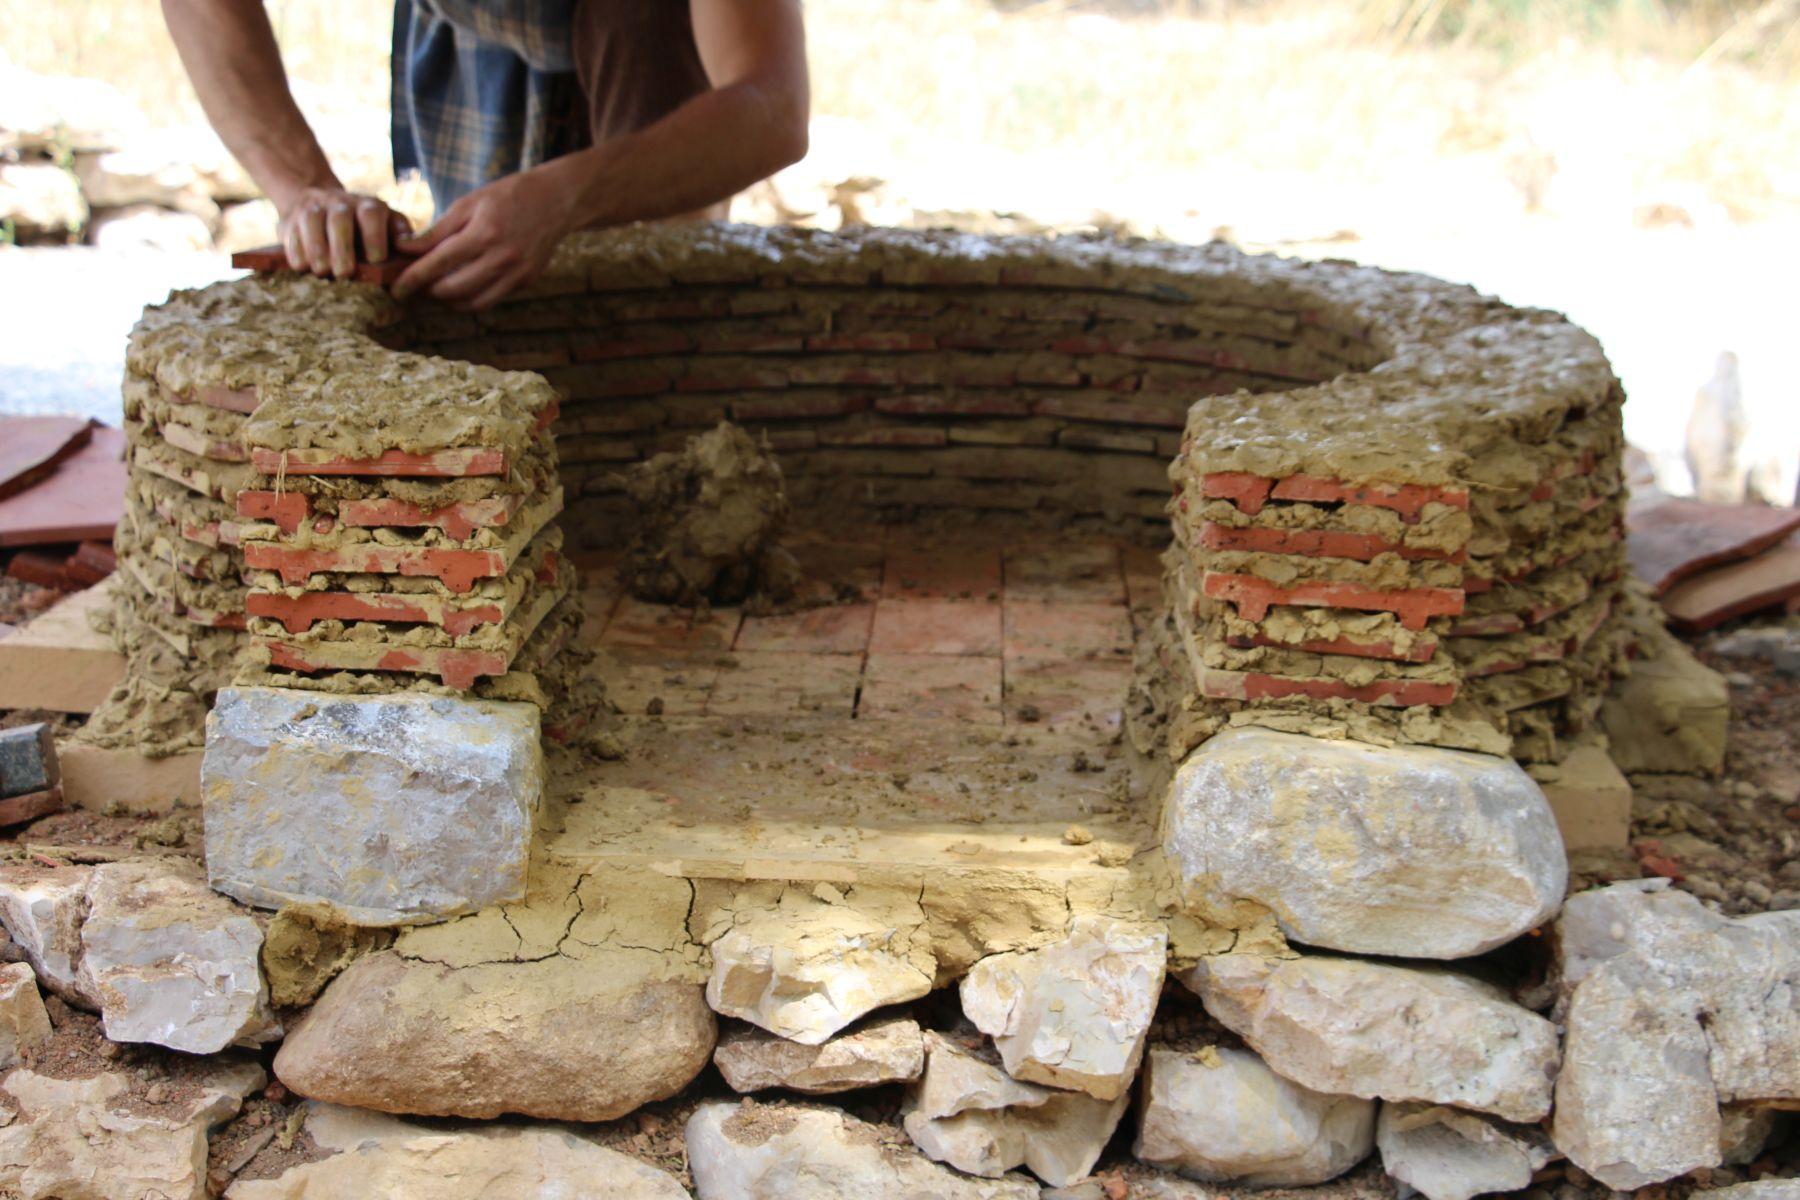 Randa Ardesca Archéosite d'Ardèche - Four à pain en cours de construction